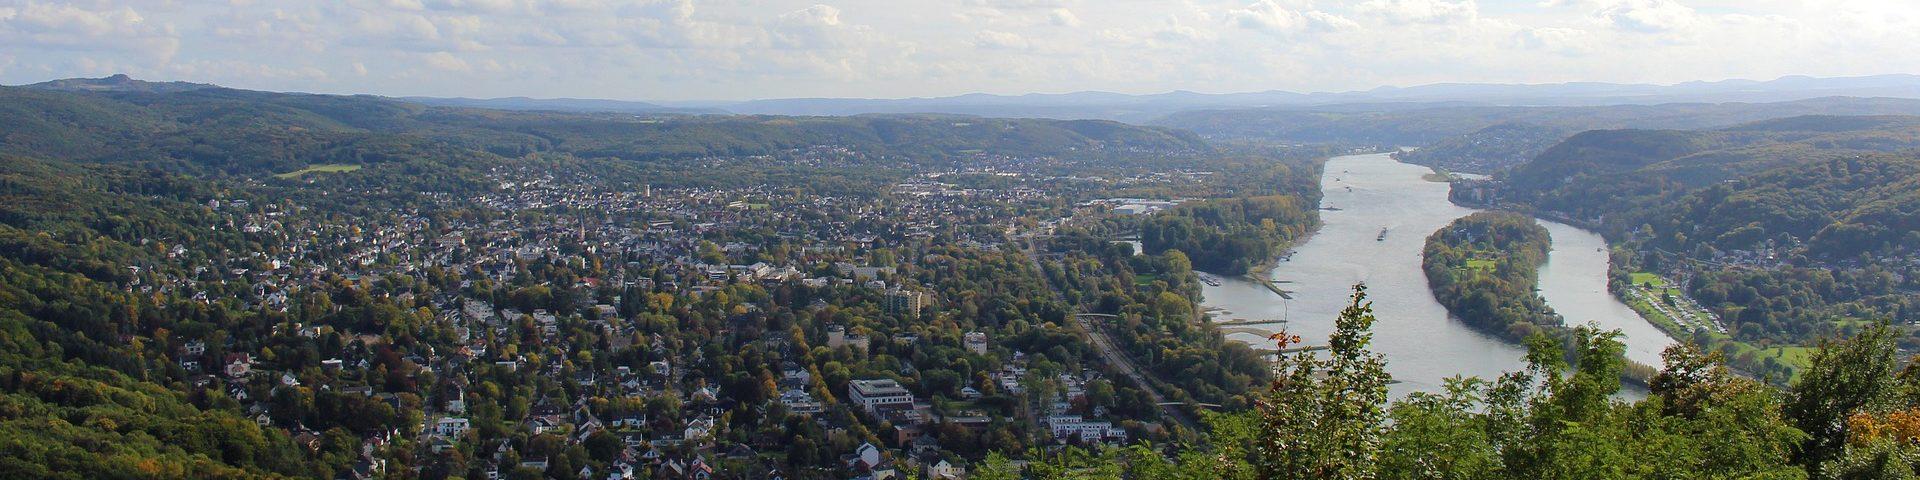 Bonn-wird-durch-den-Rhein-geteilt